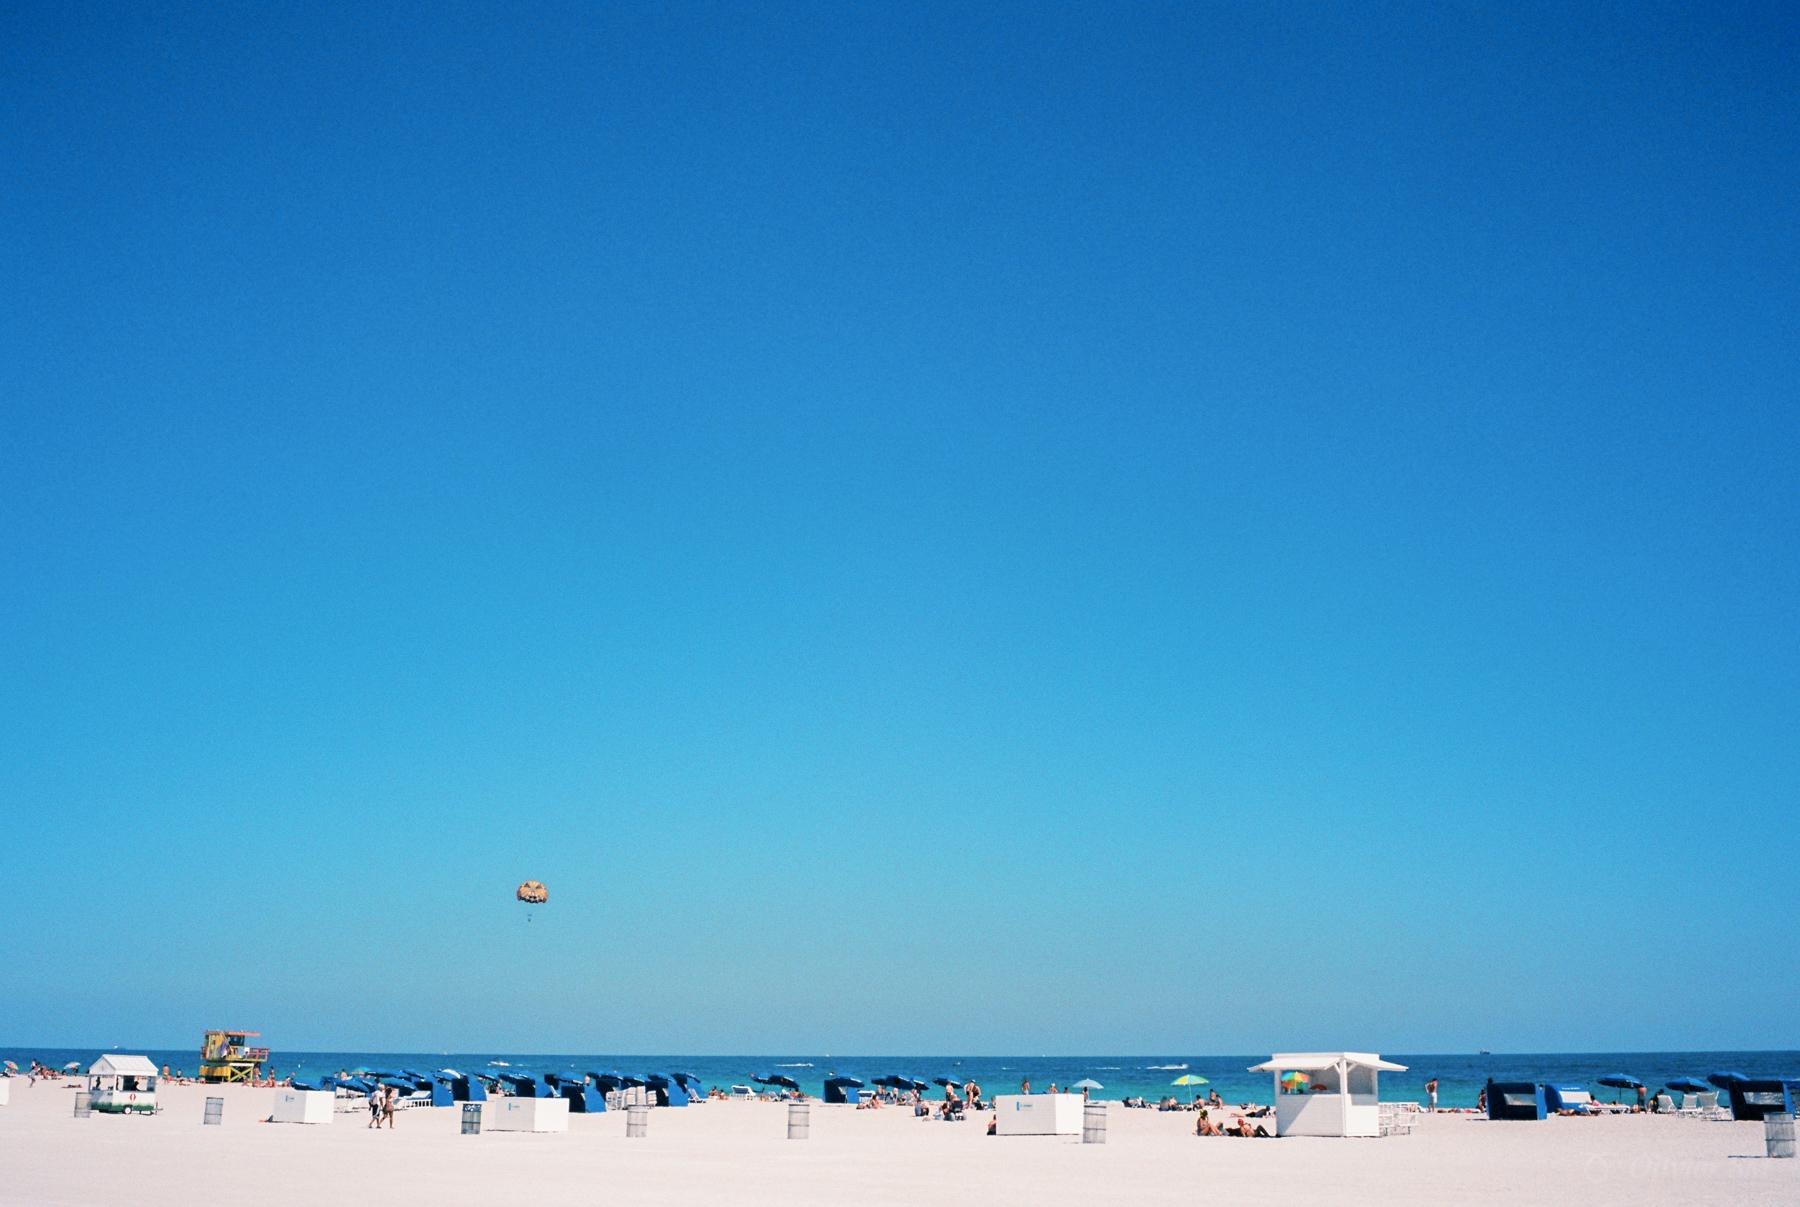 Beach | Miami, USA |Voigtländer Bessa R3M | Voigtländer 35mm f/1.4 Nokton Classic